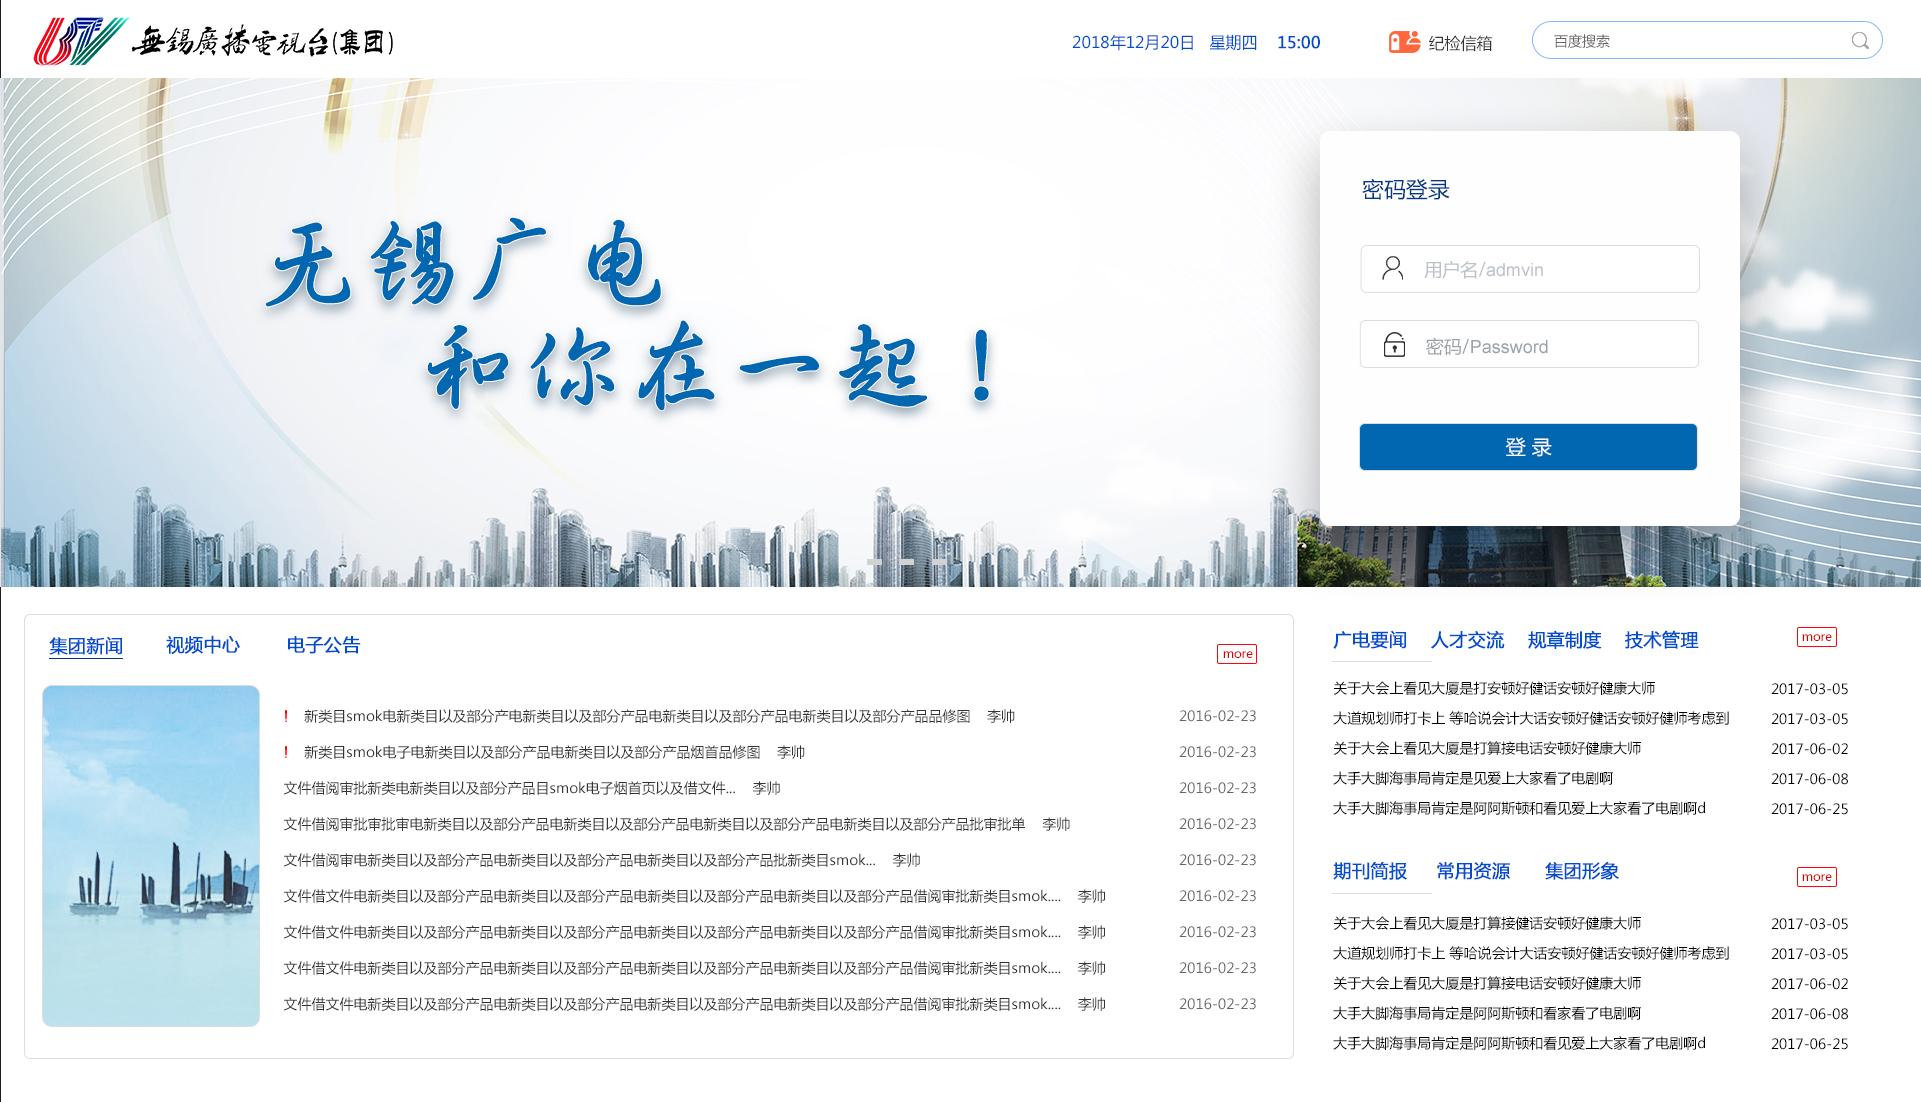 无锡广电集团强强联合华天动力OA全面建设信息化管理促高效